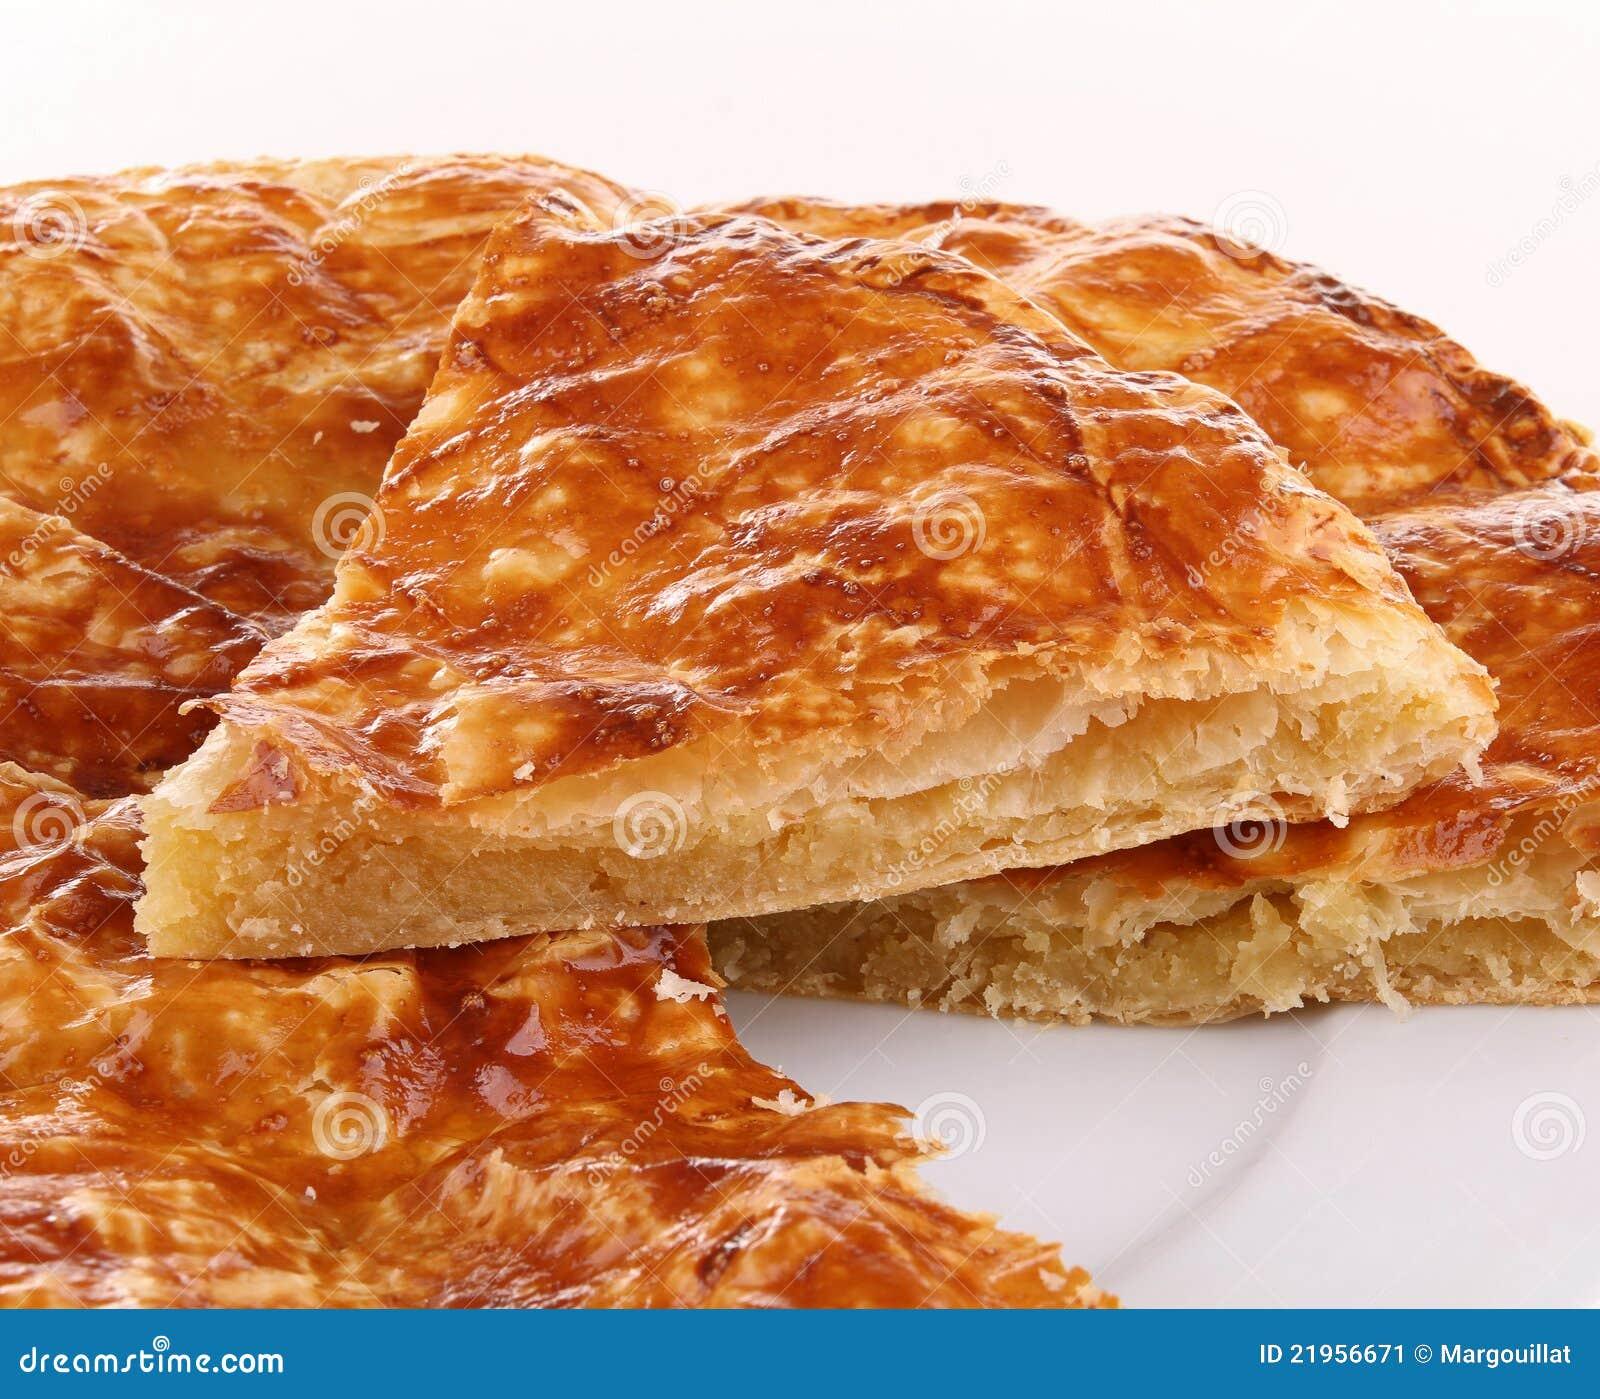 Epiphany Cake Stock Image - Image: 21956671